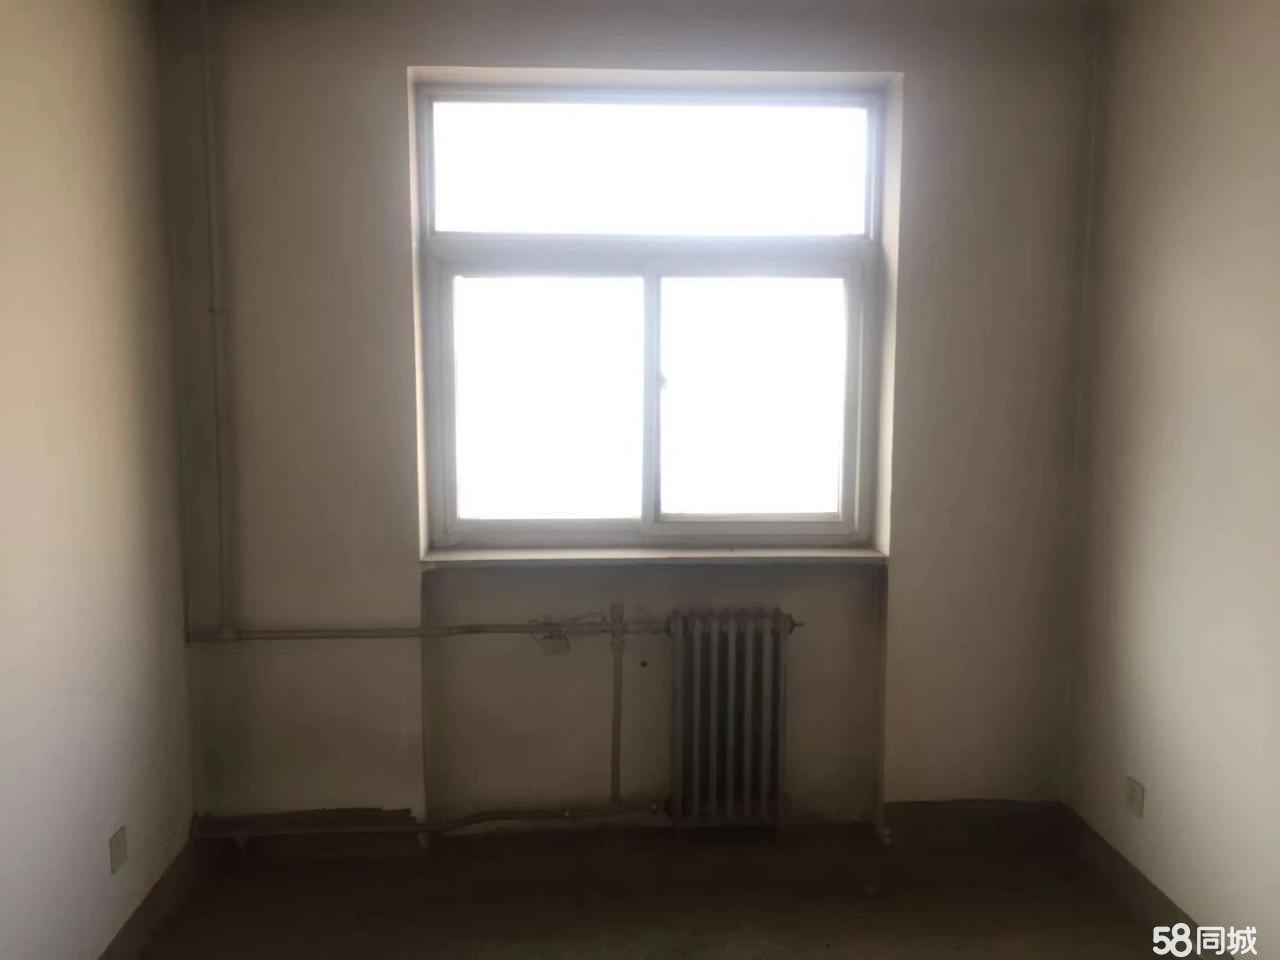 虎头园小区4室2厅2卫